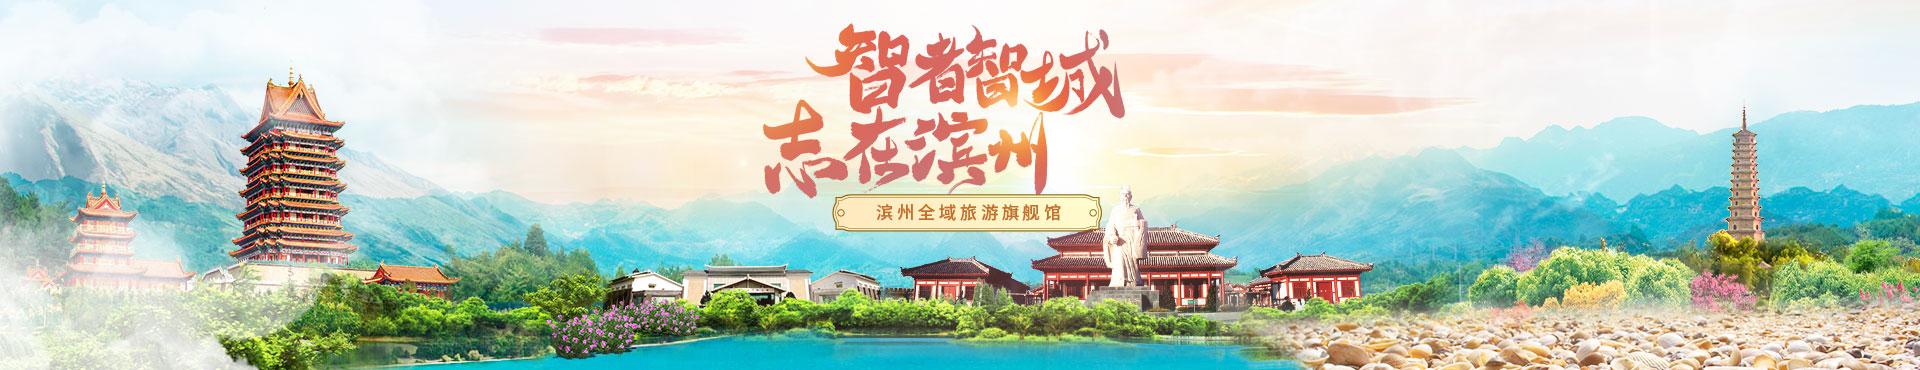 濱州旗艦館